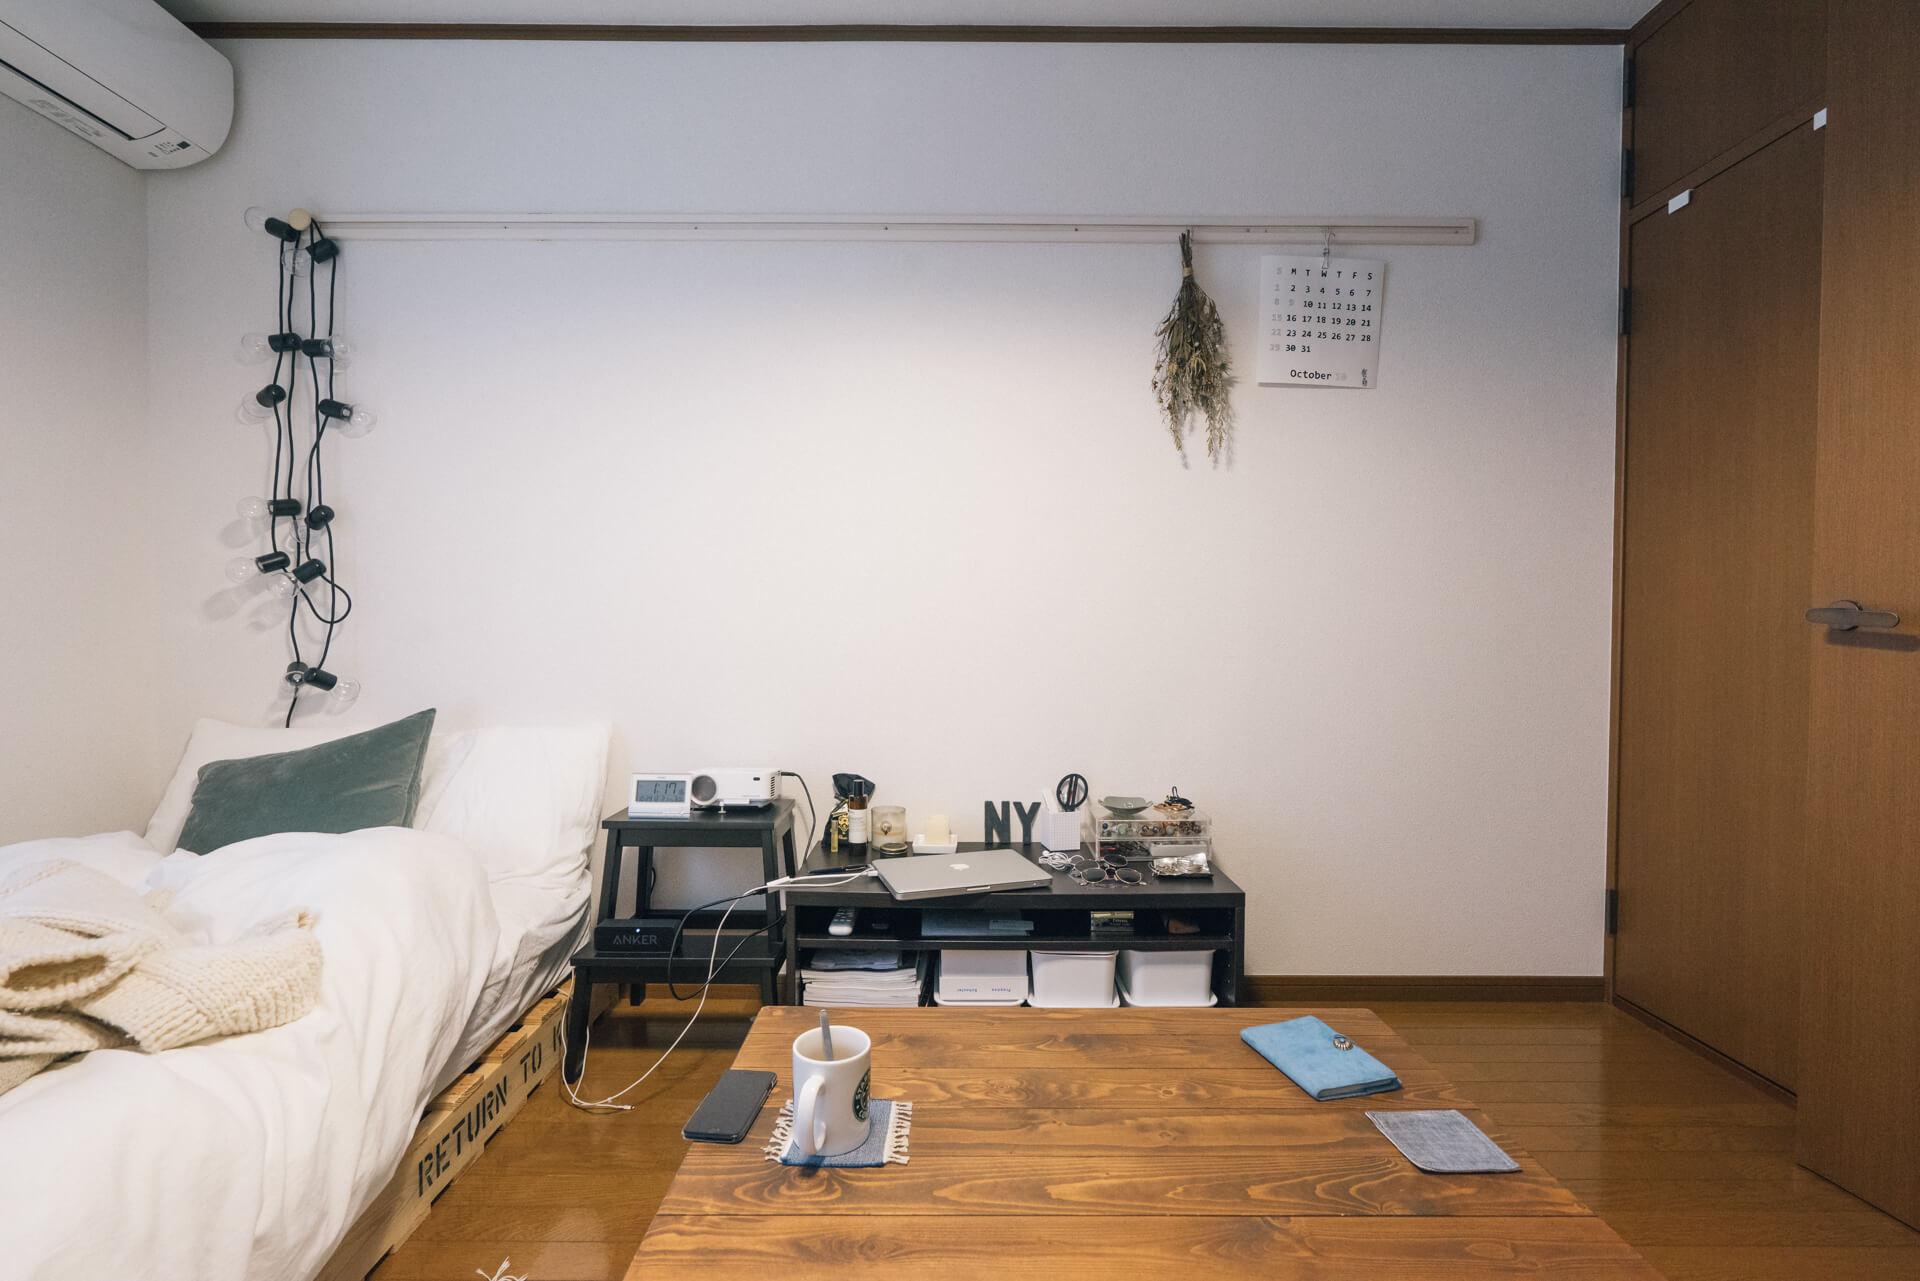 もともと、少しダーク系のフローリングだったお部屋。小さな棚や、サイドテーブル代わりのIKEAのステップスツールなど、意識して「黒」が選ばれています。